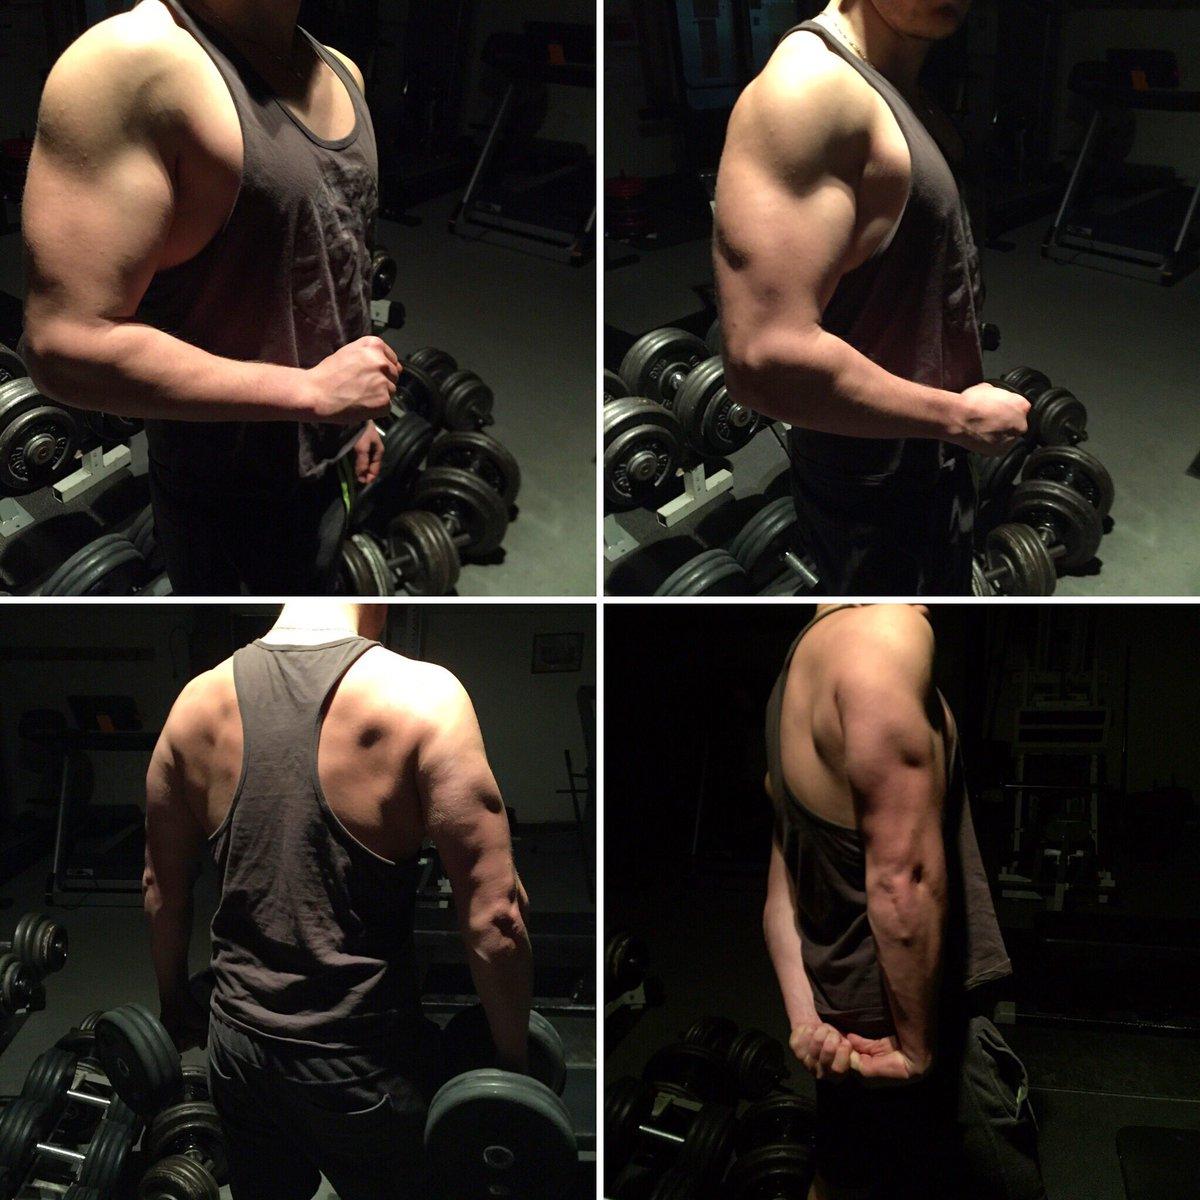 Ne rien lâcher pour atteindre ses objectifs #enormeetsec #NeverGiveUp #rizdinde #Myprotein #bodybuilding  @TiboInShape @NassBridges<br>http://pic.twitter.com/JWMoSeJG7e